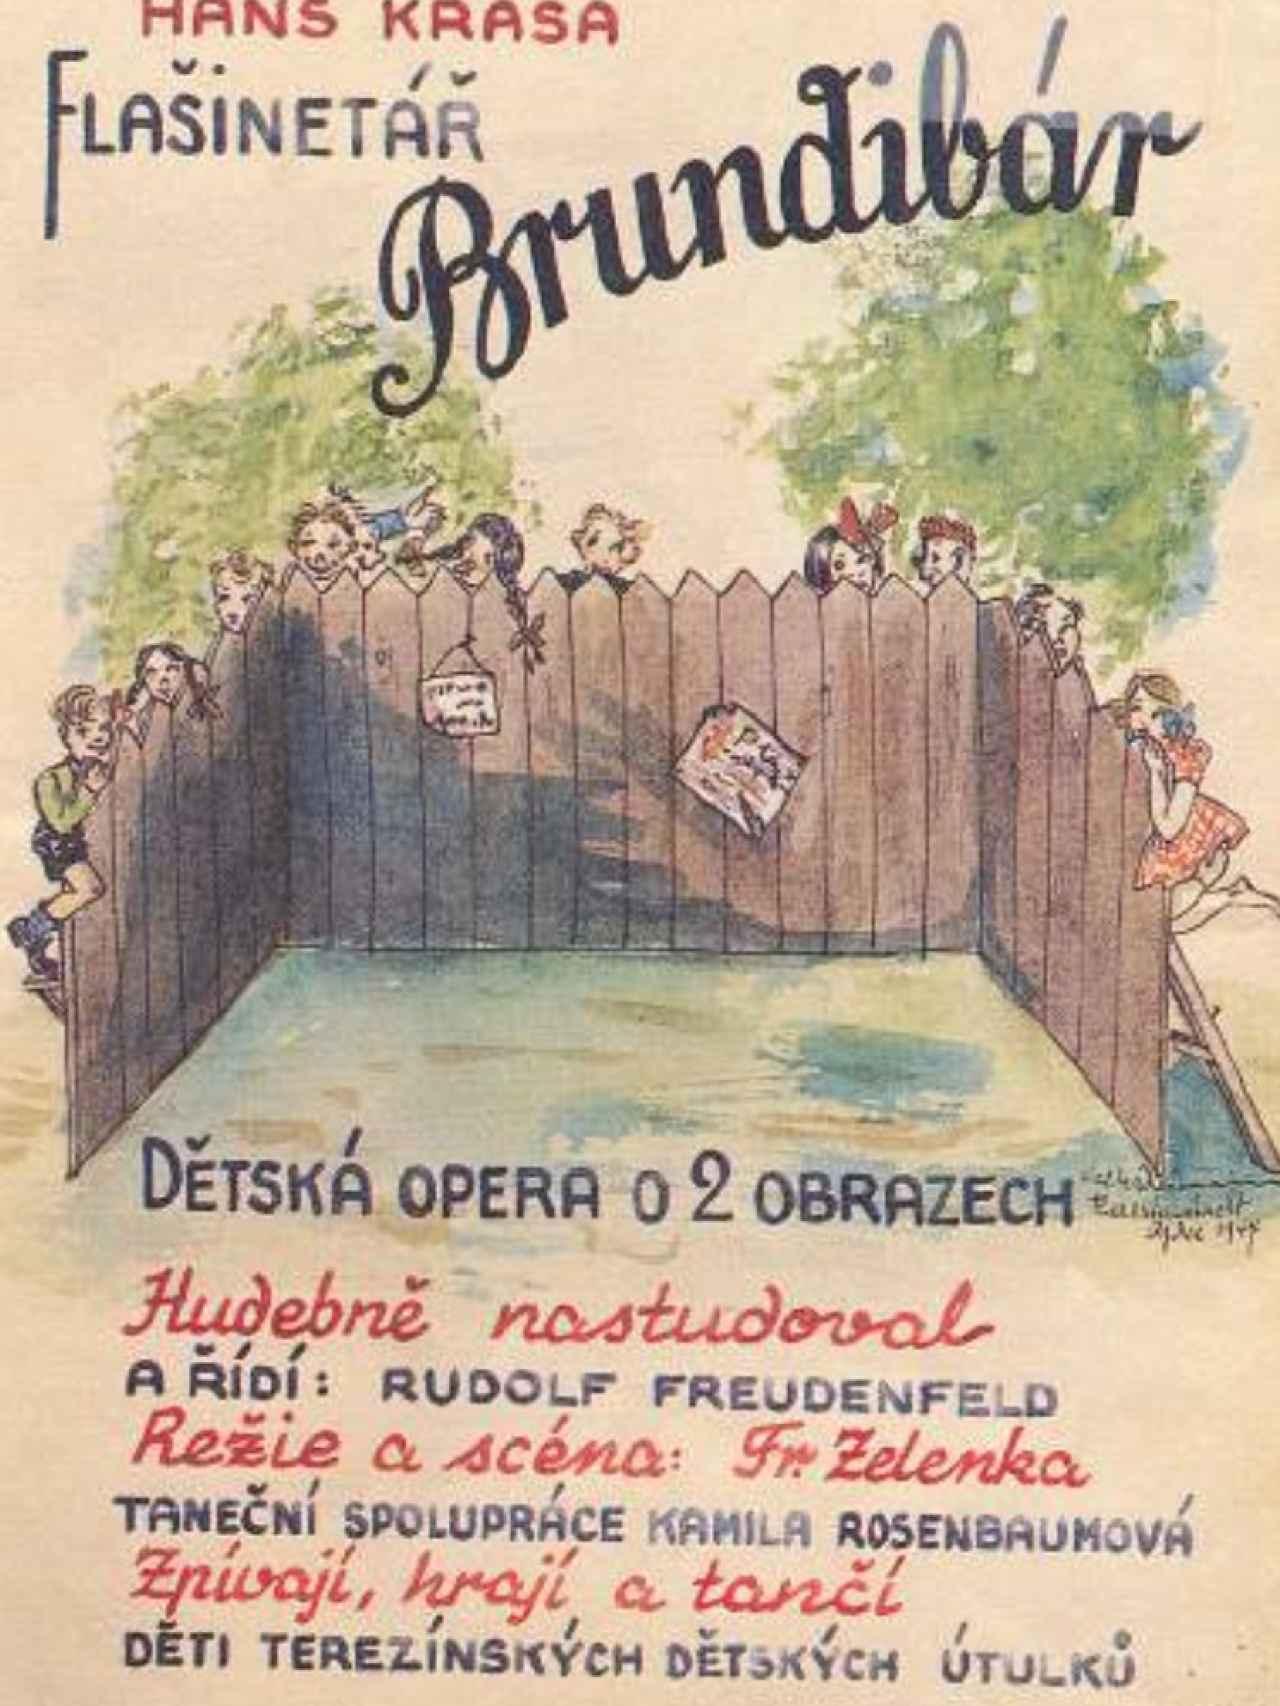 Cartel de la ópera.